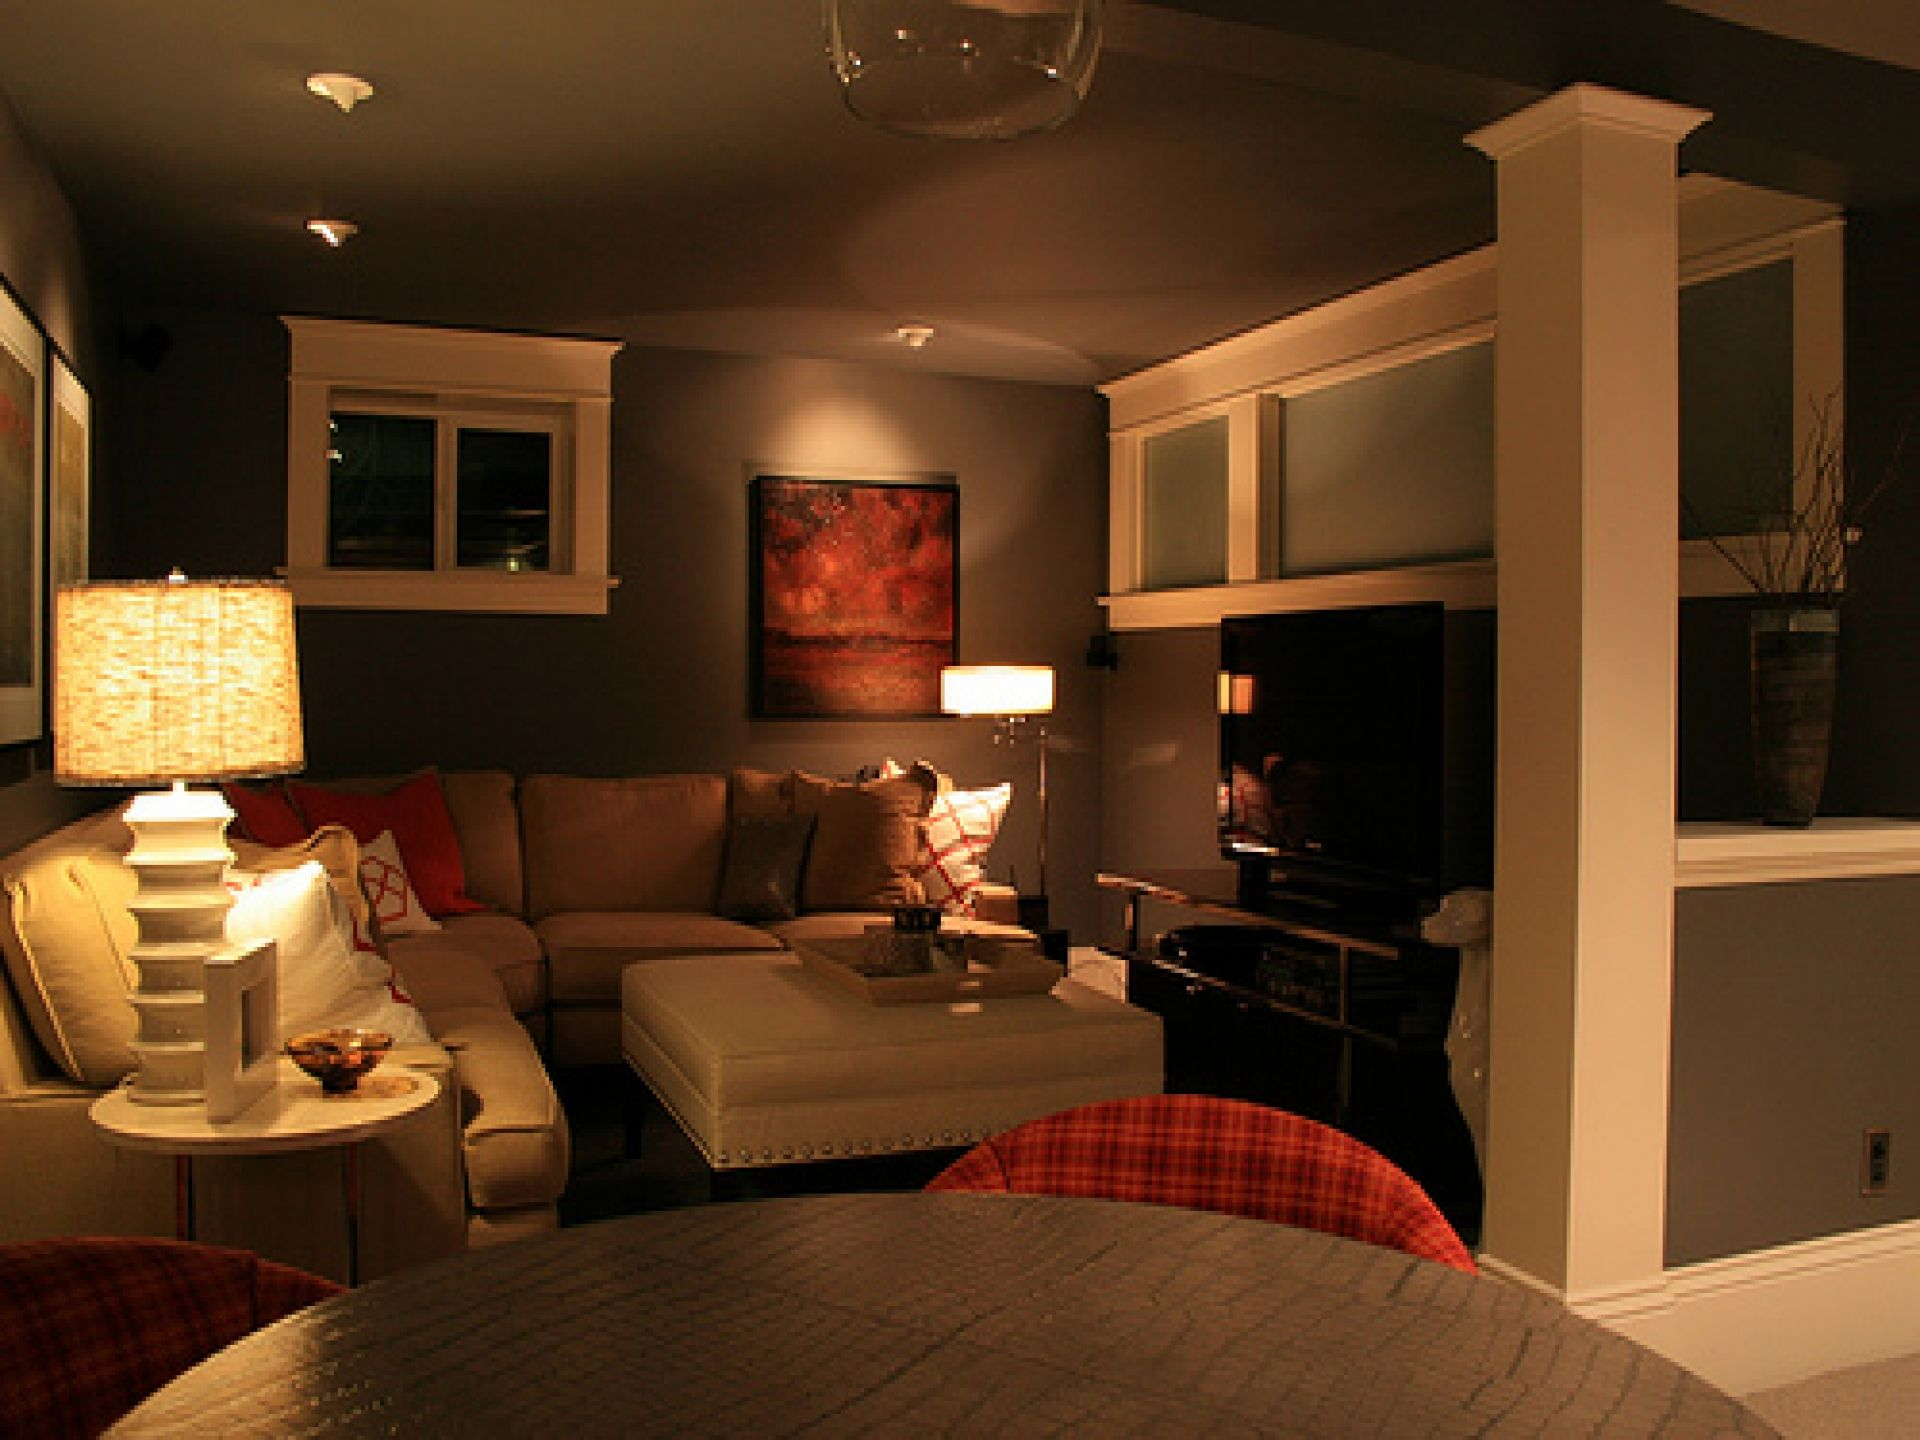 basement bedroom ideas romantic deco id es bedroom. Black Bedroom Furniture Sets. Home Design Ideas